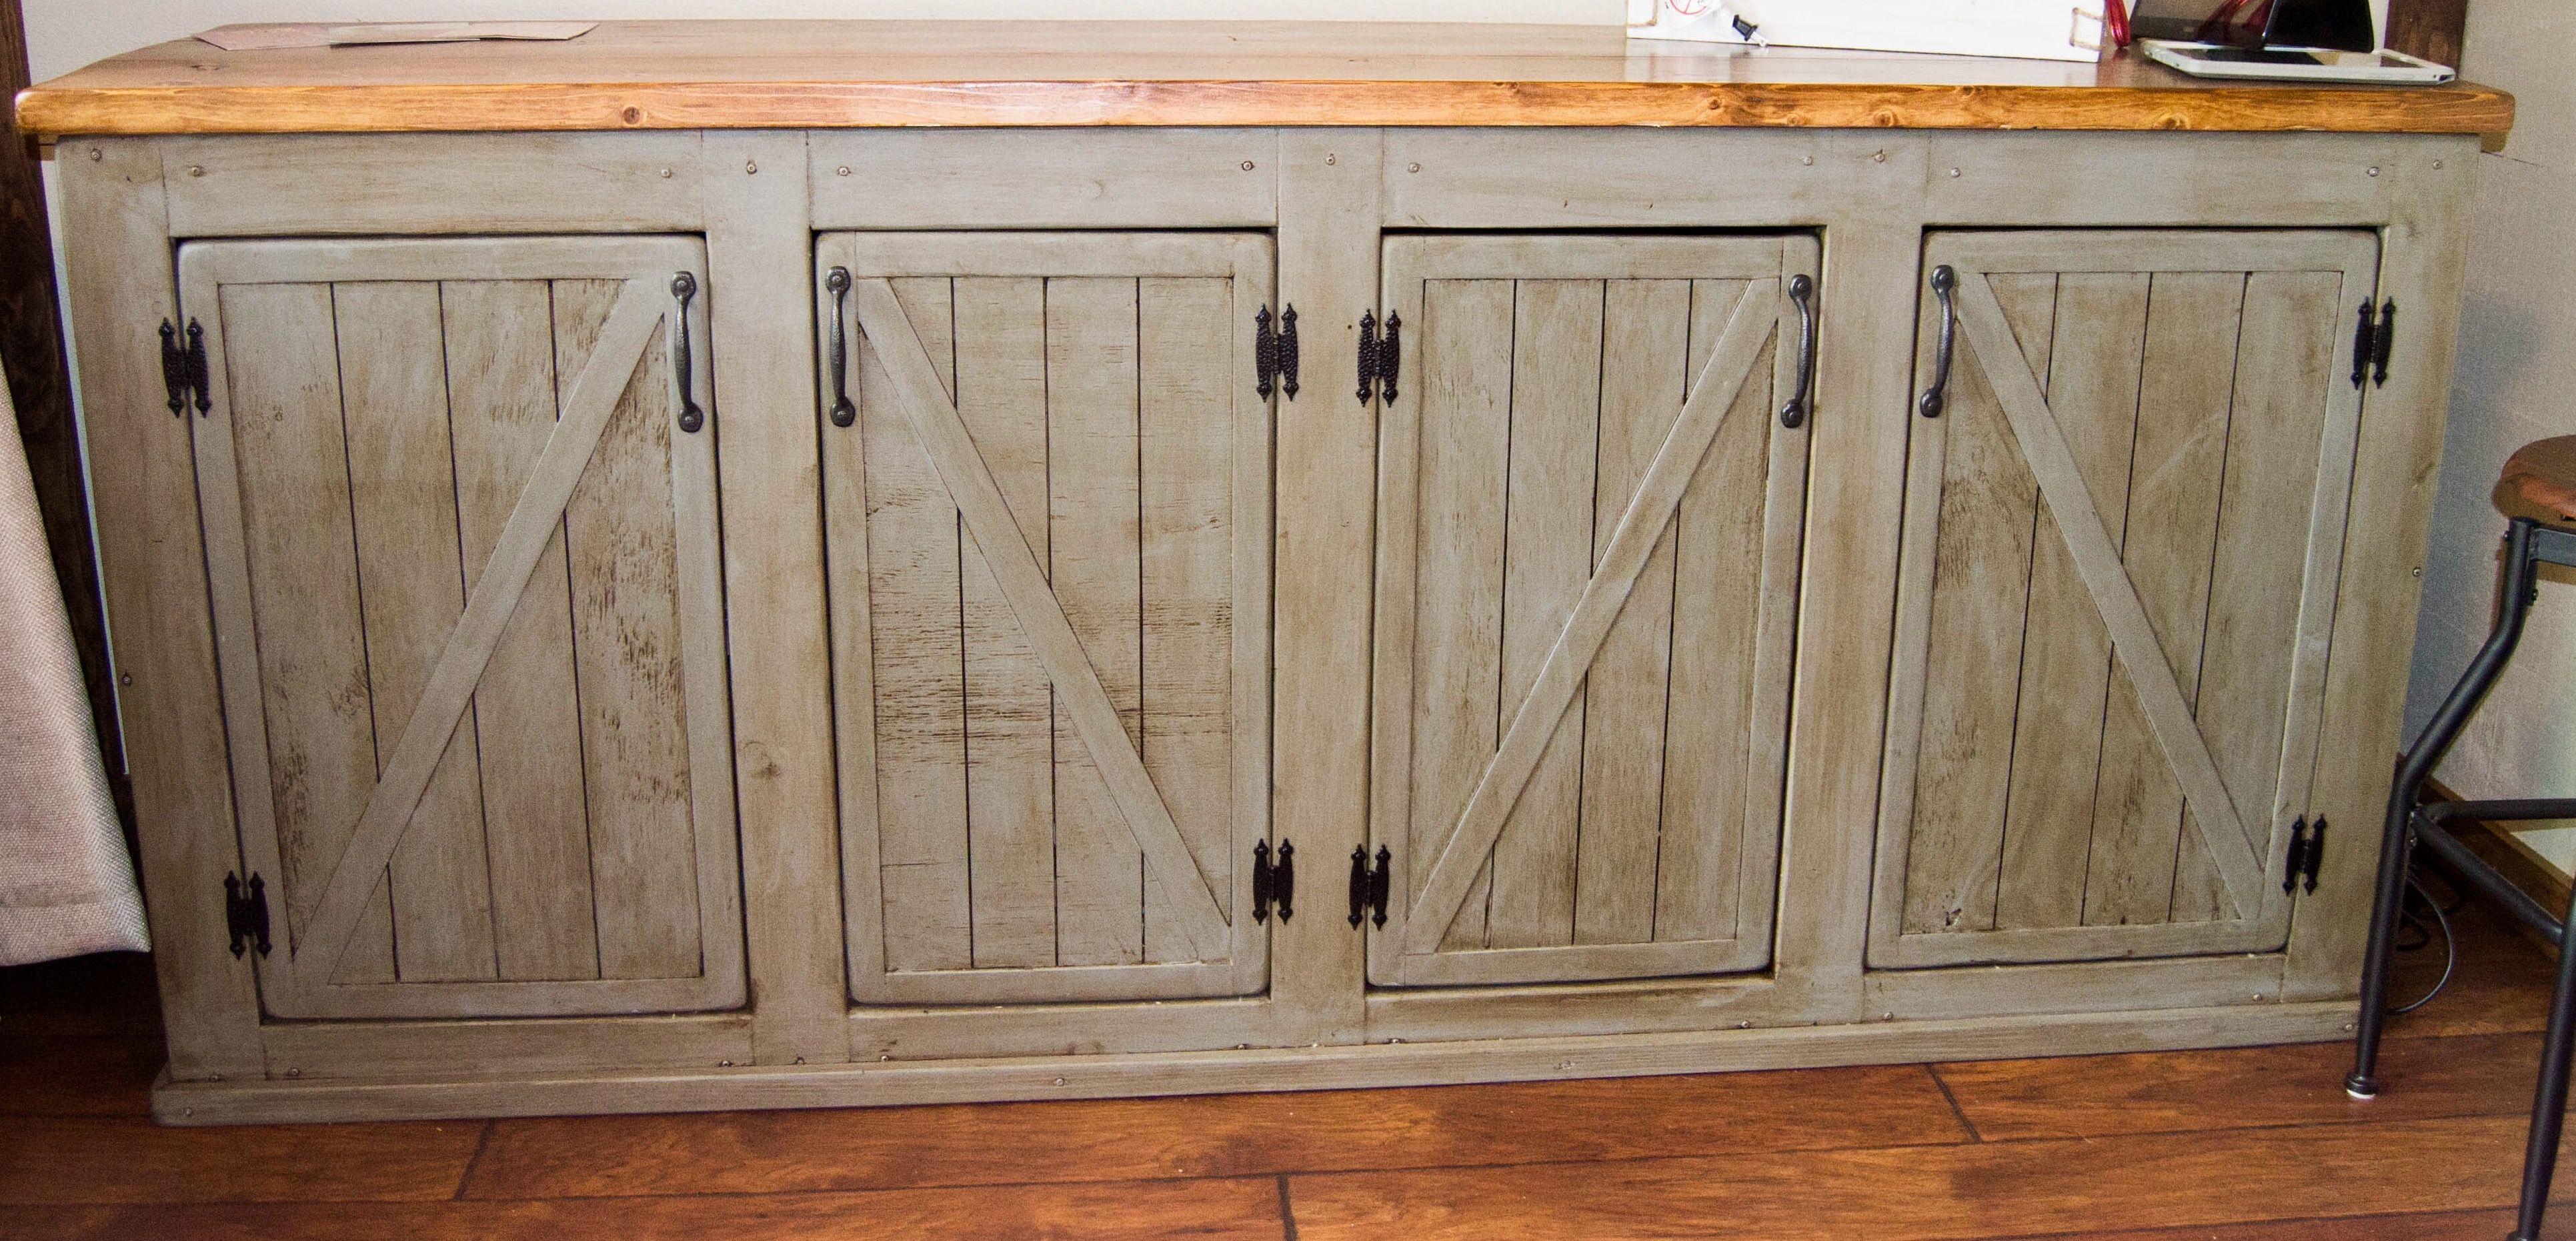 Barn Door Cabinet Sliding Doors Kitchen Rustic